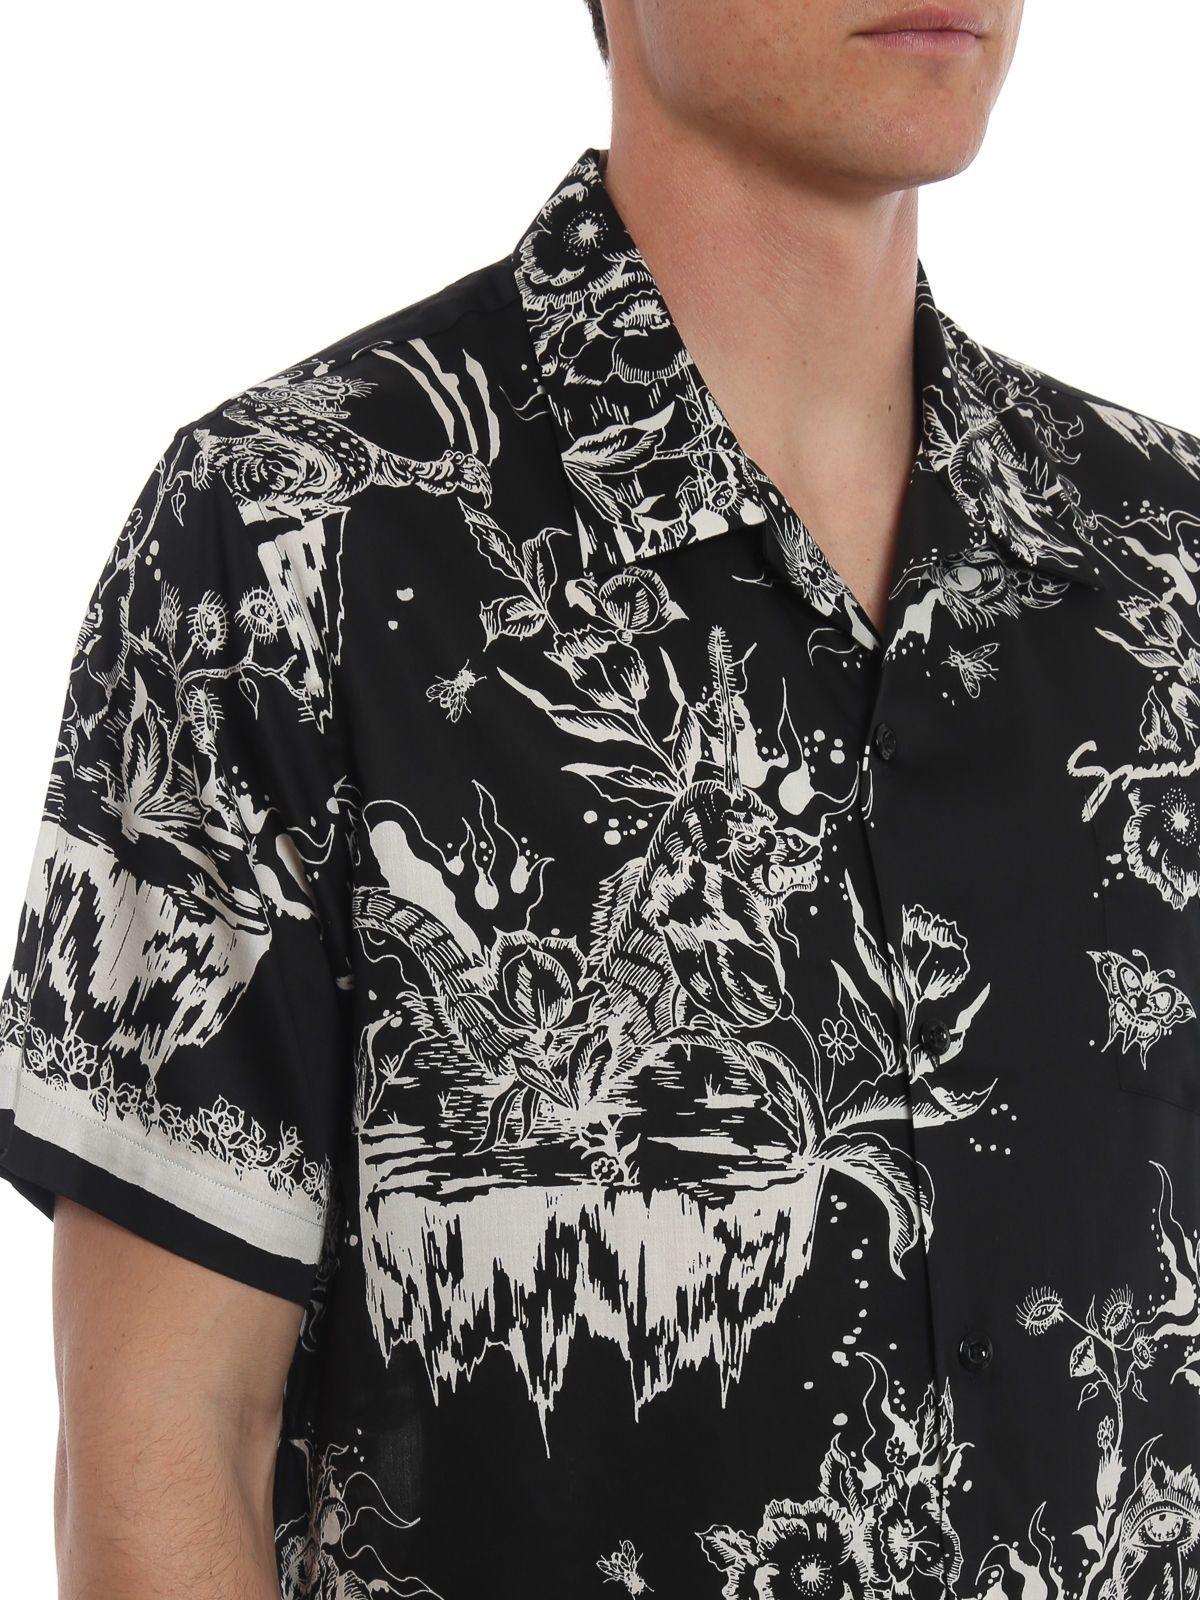 1307c4a5 Givenchy Givenchy Monster Print Hawaiian Shirt - Black - 10898667 ...